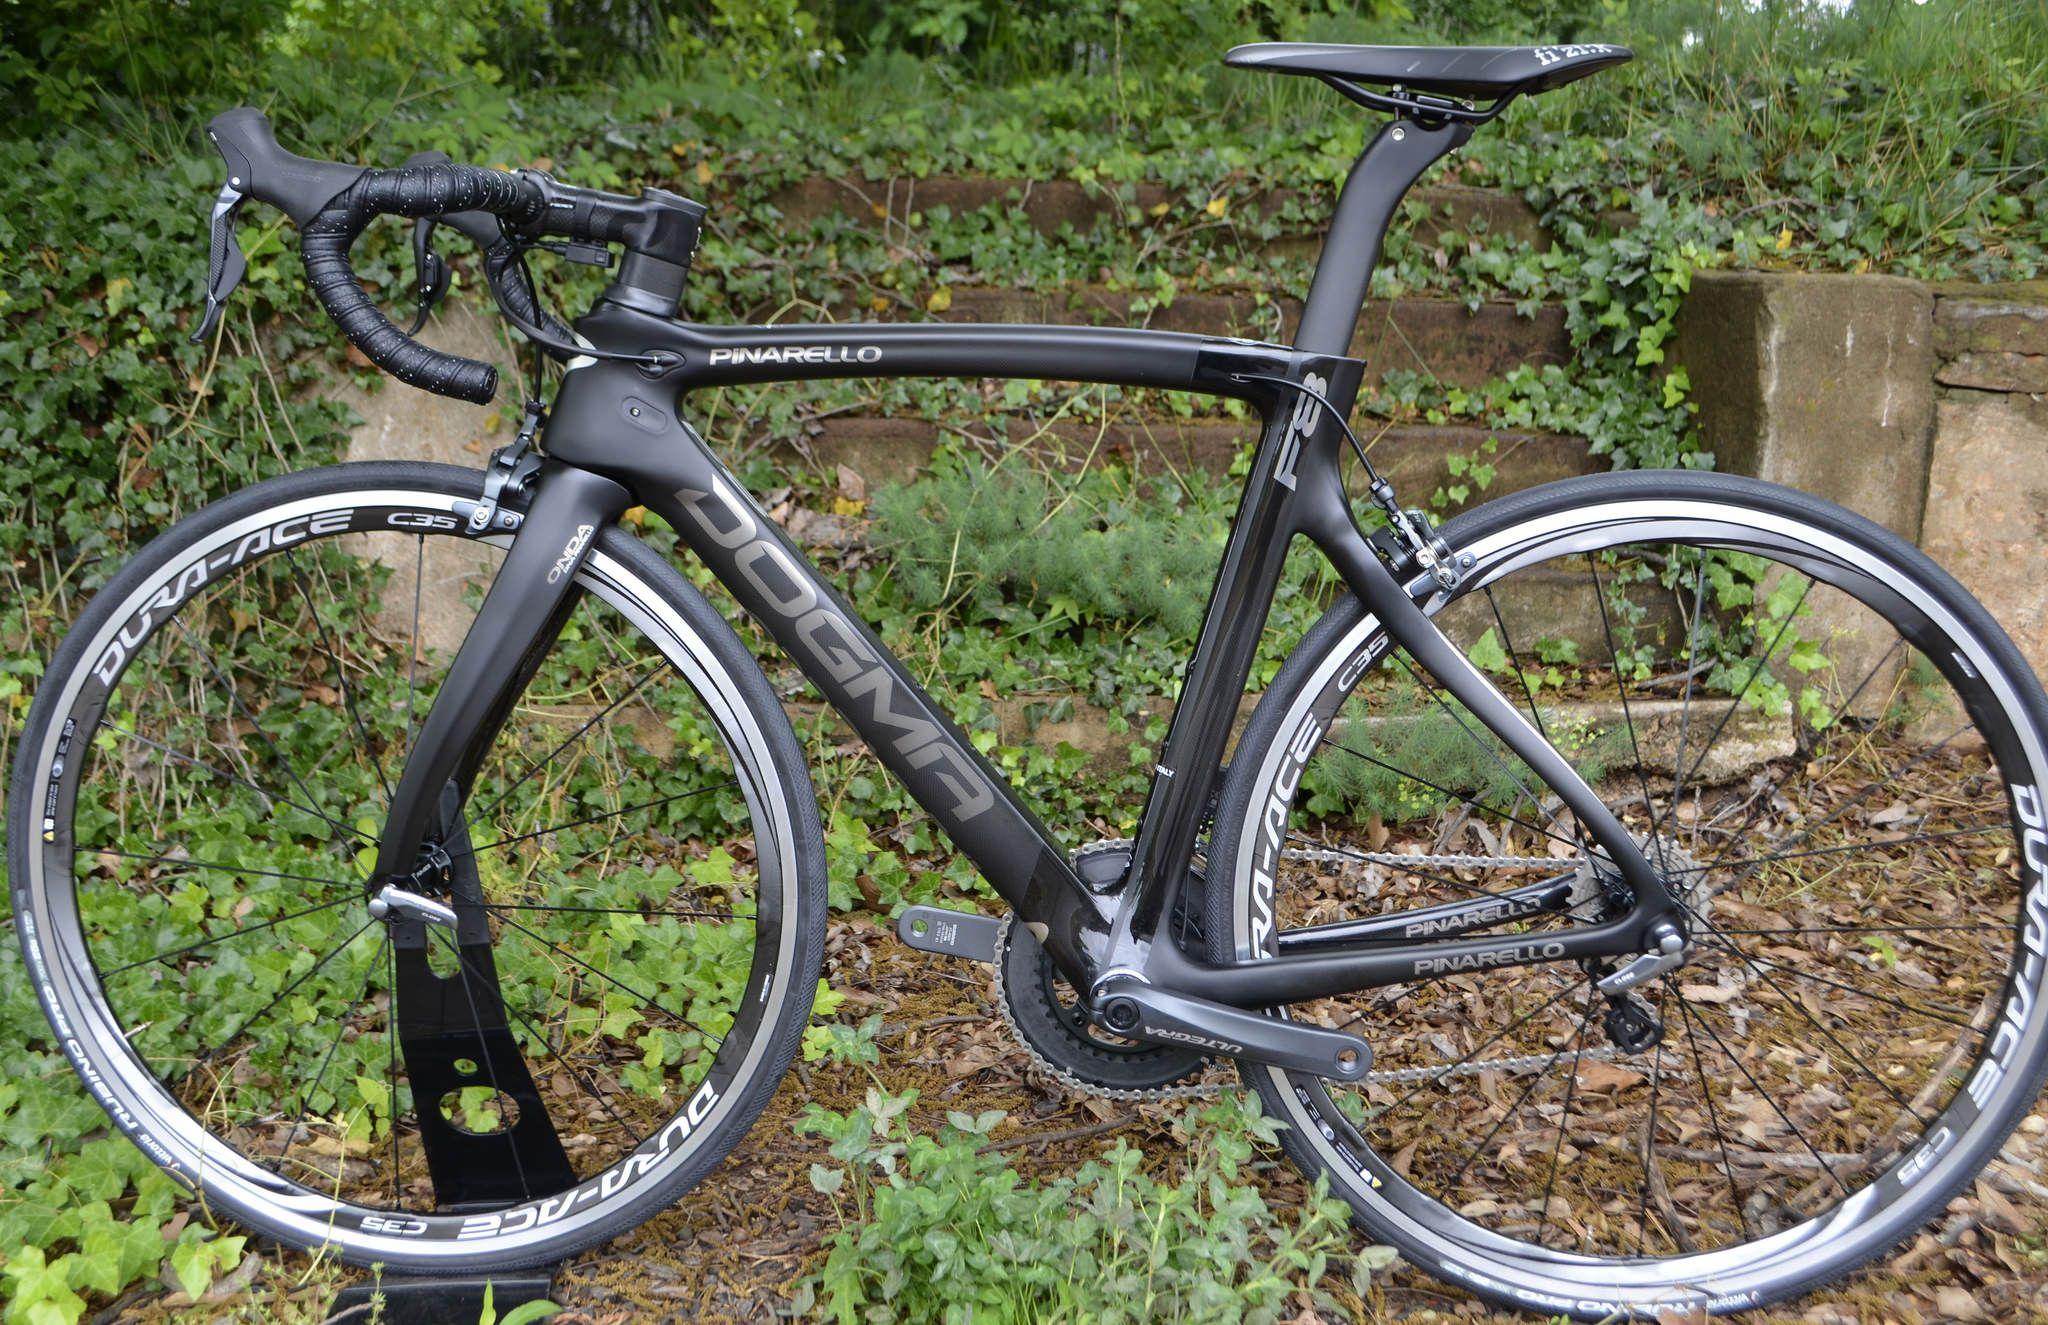 8890a91f82e Pinarello Dogma F8 677 BoB - Ultegra Di2 Custom Build   Pinarello ...